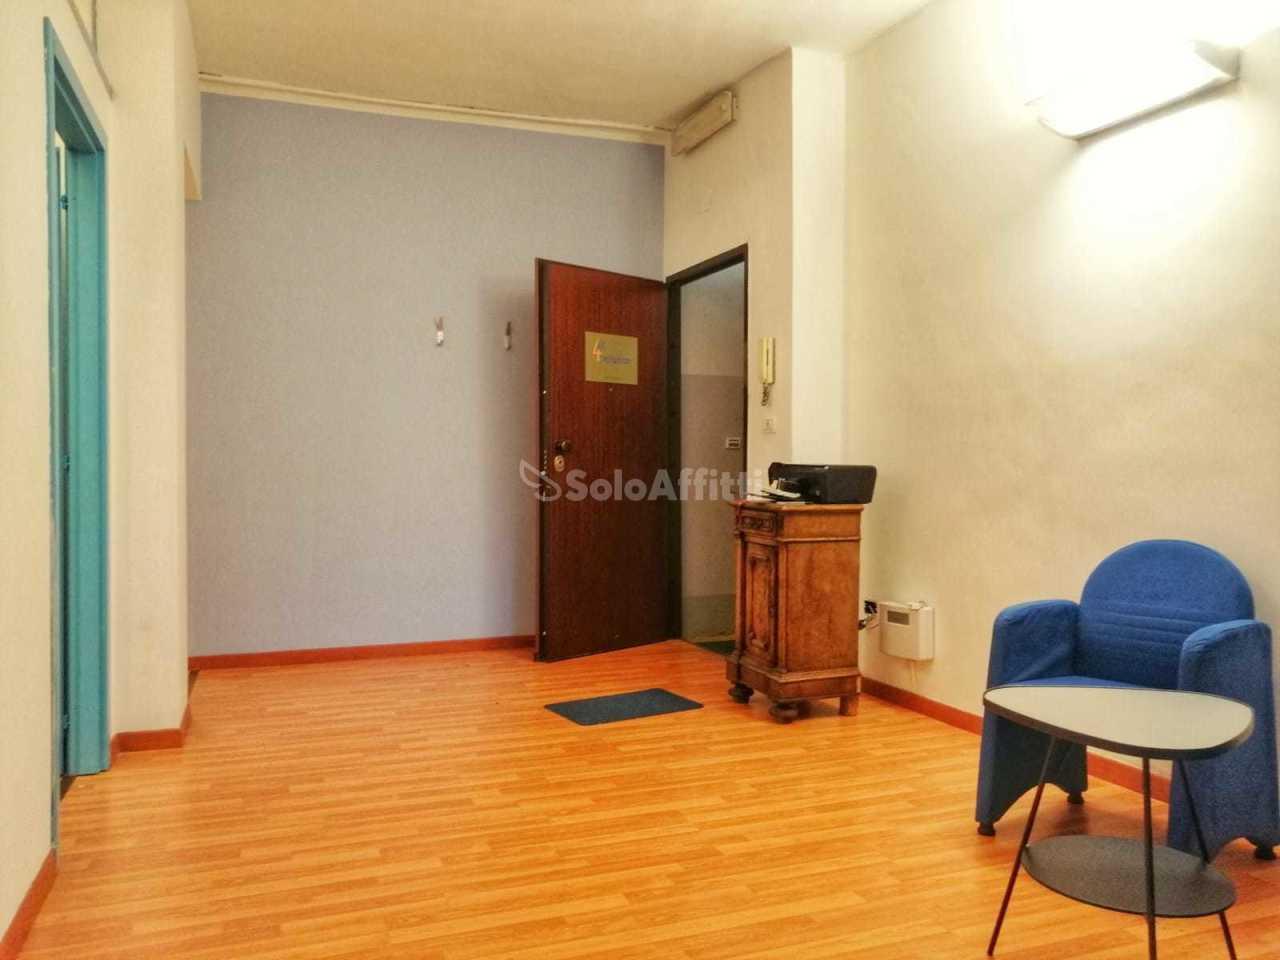 Ufficio - 4 locali a Vanchiglia, Torino Rif. 10935546